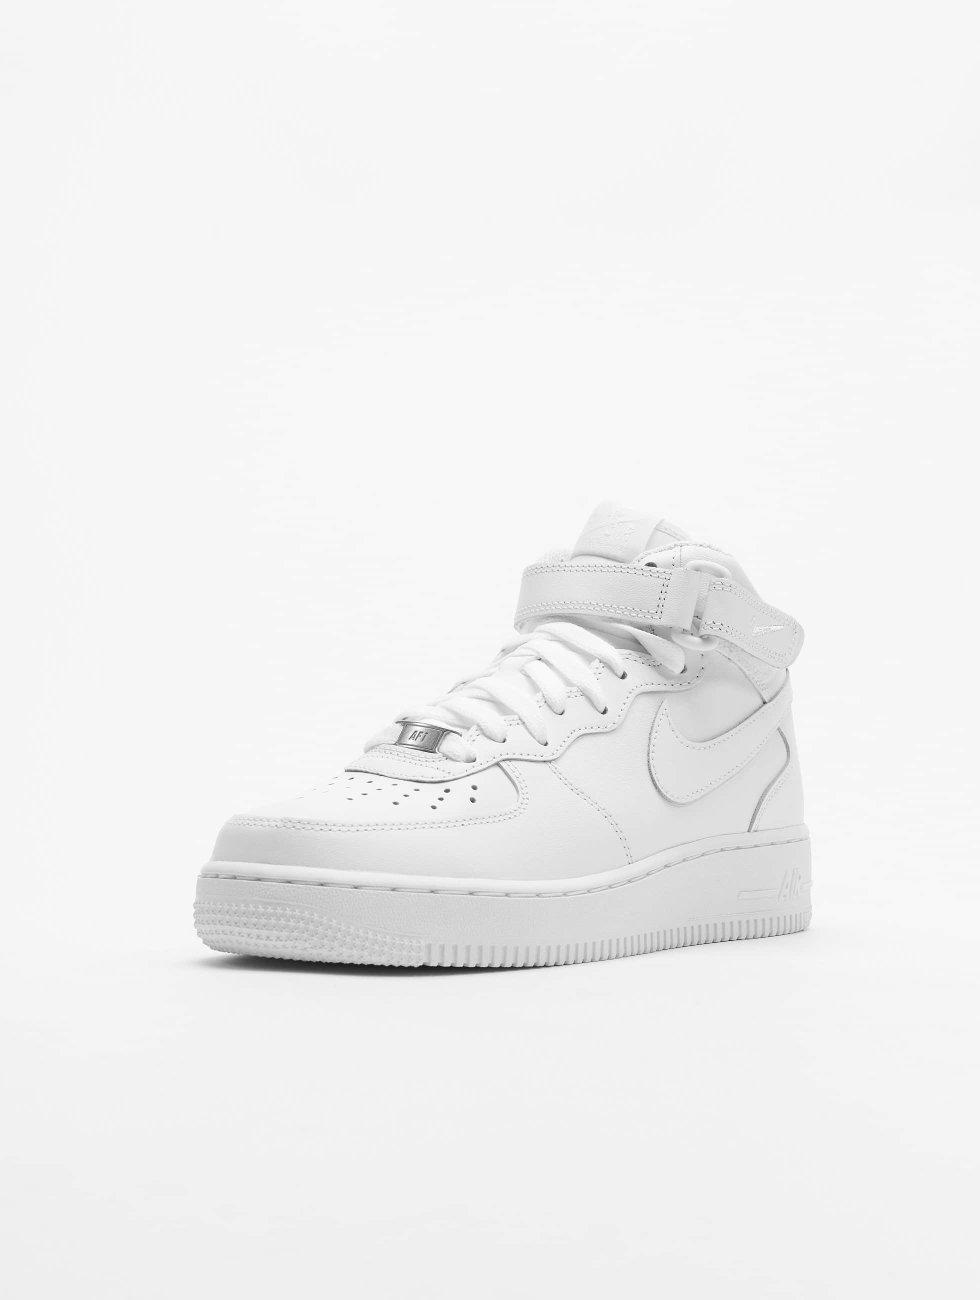 Nike Schoen / Aeronautica Sneaker 1 Mid '07 Scarpe Da Basket In Spirito 23209 SuIyXGf